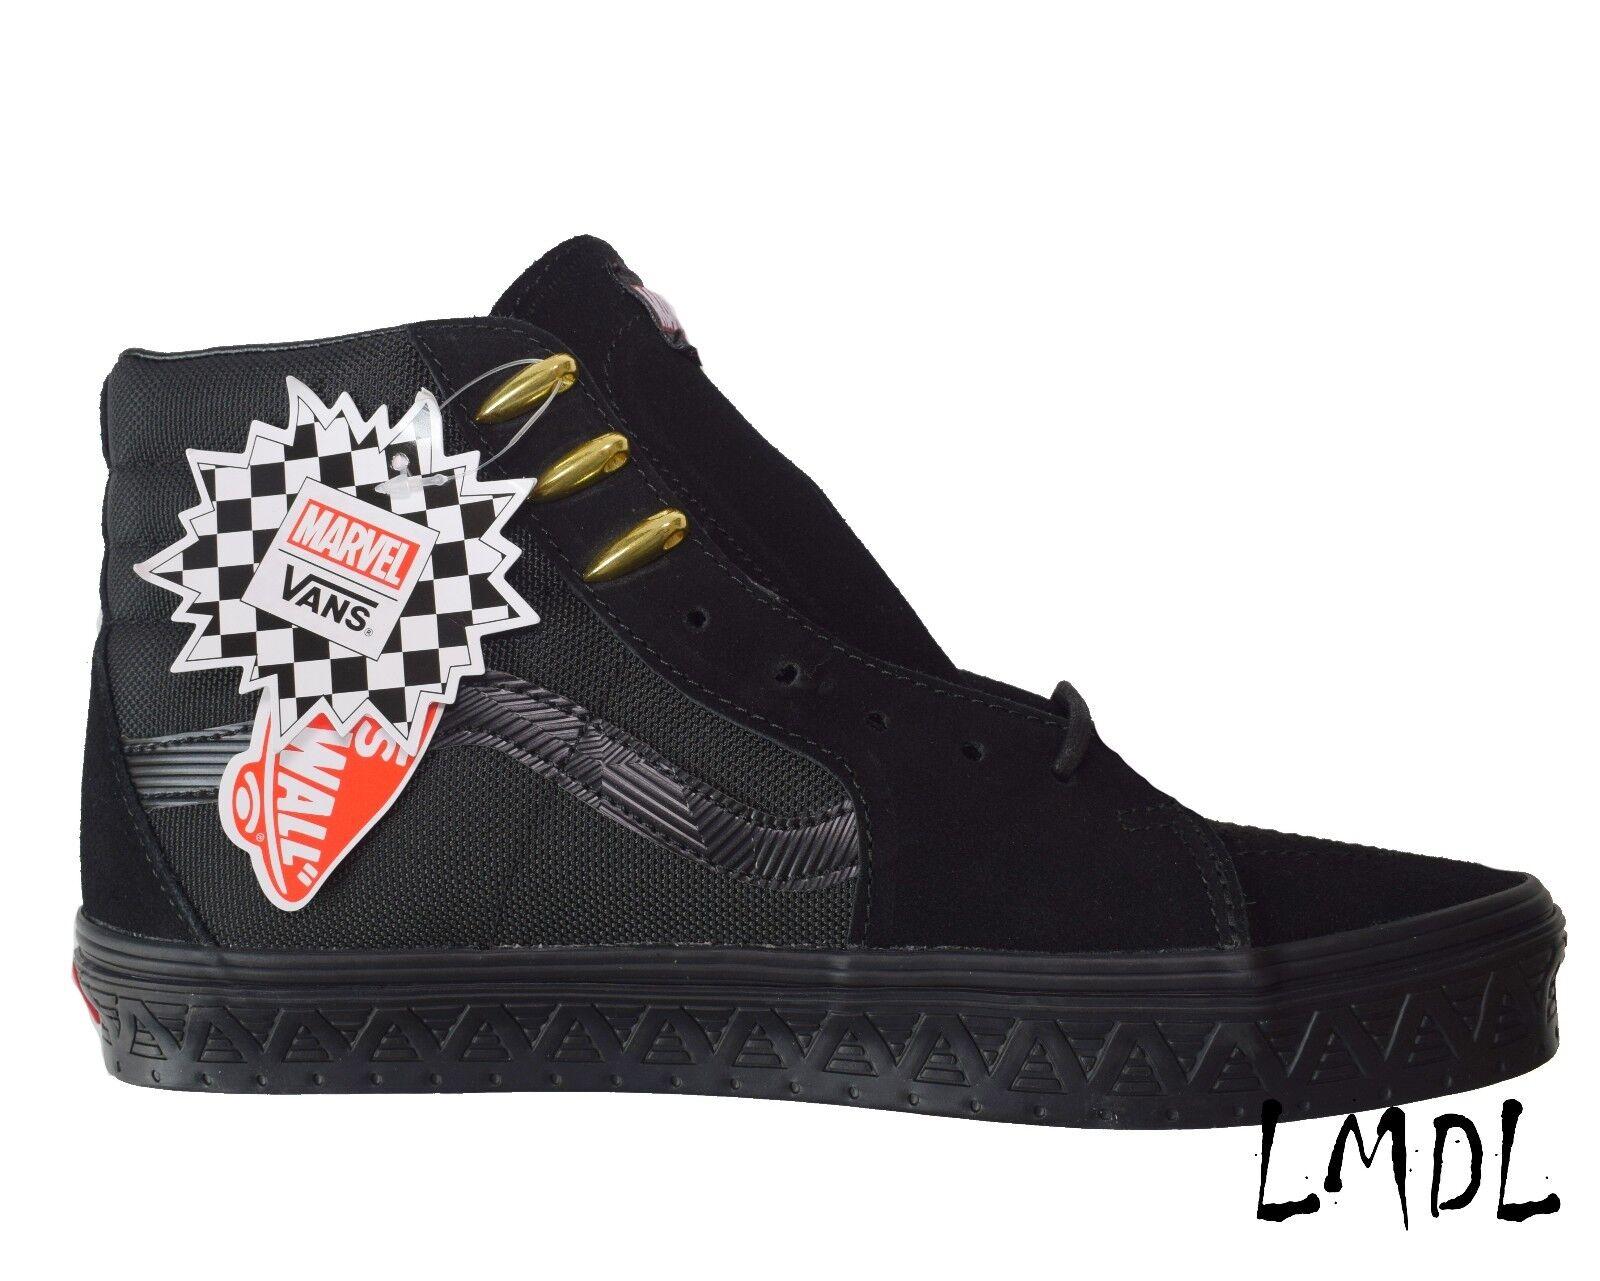 Vans x Marvel Sk8-Hi Shoe BLACK PANTHER VN0A38GEUBH Black Gold Men SIZE 11 11.5